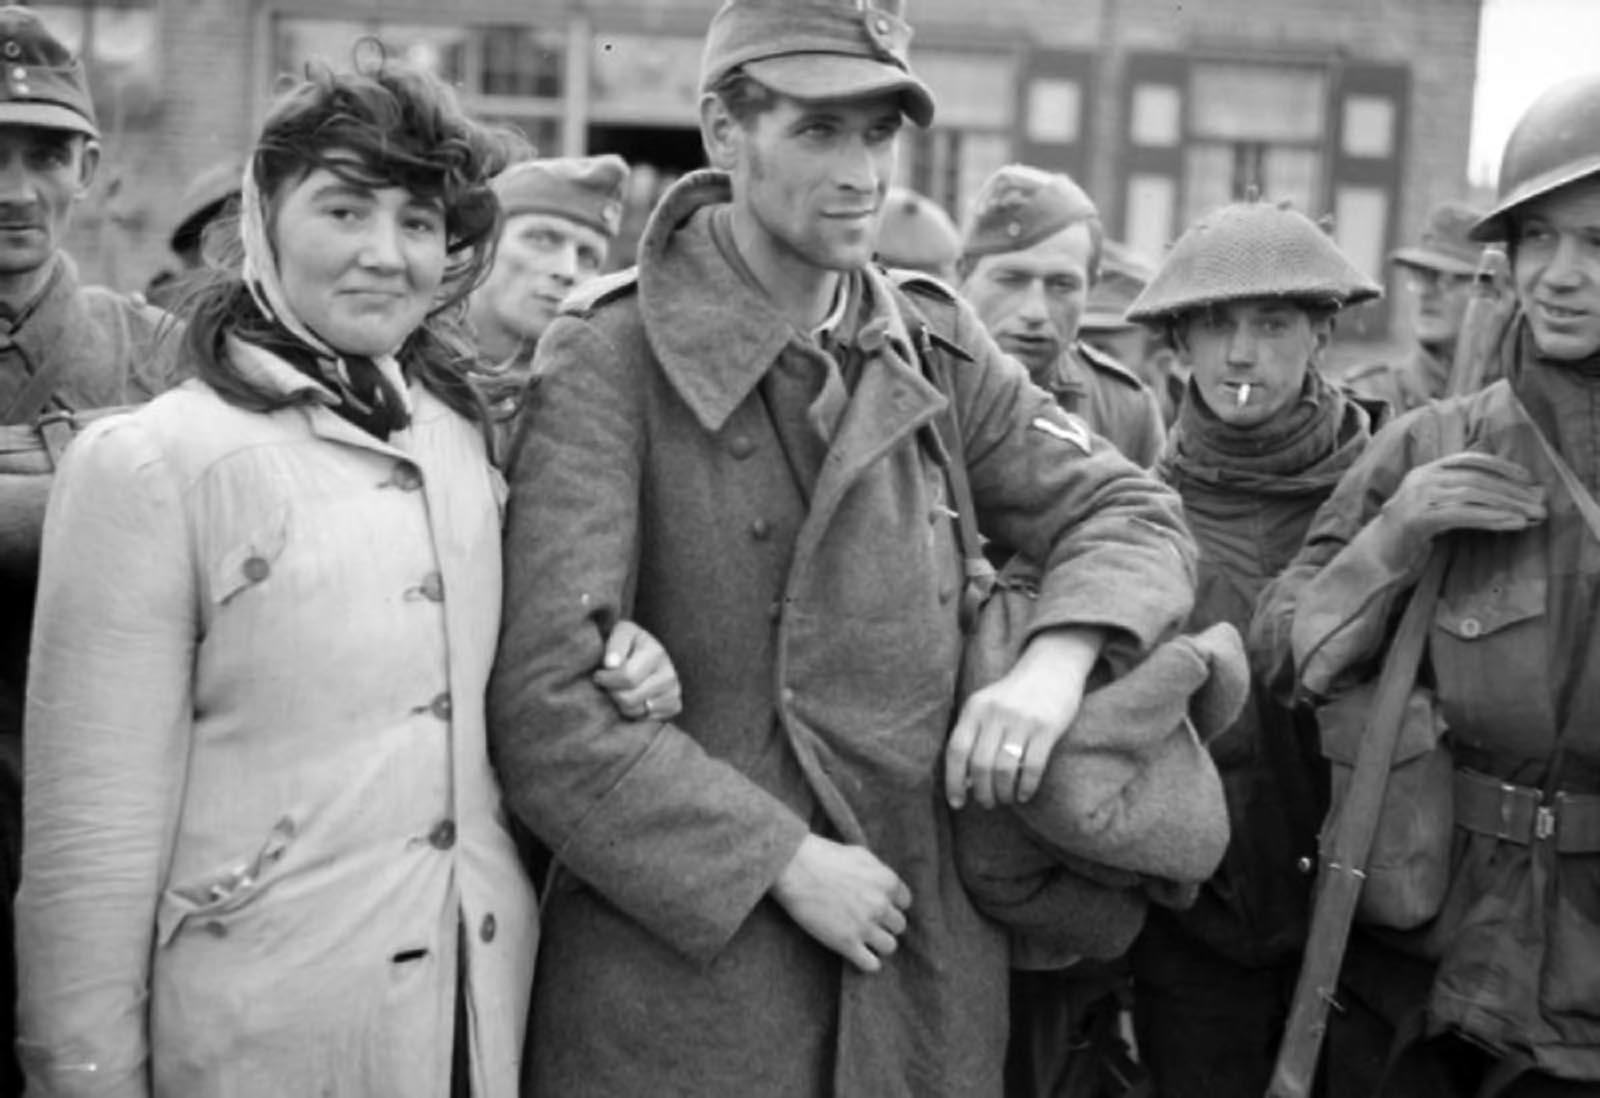 Afbeeldingsresultaat voor dutch women and german soldiers ww2